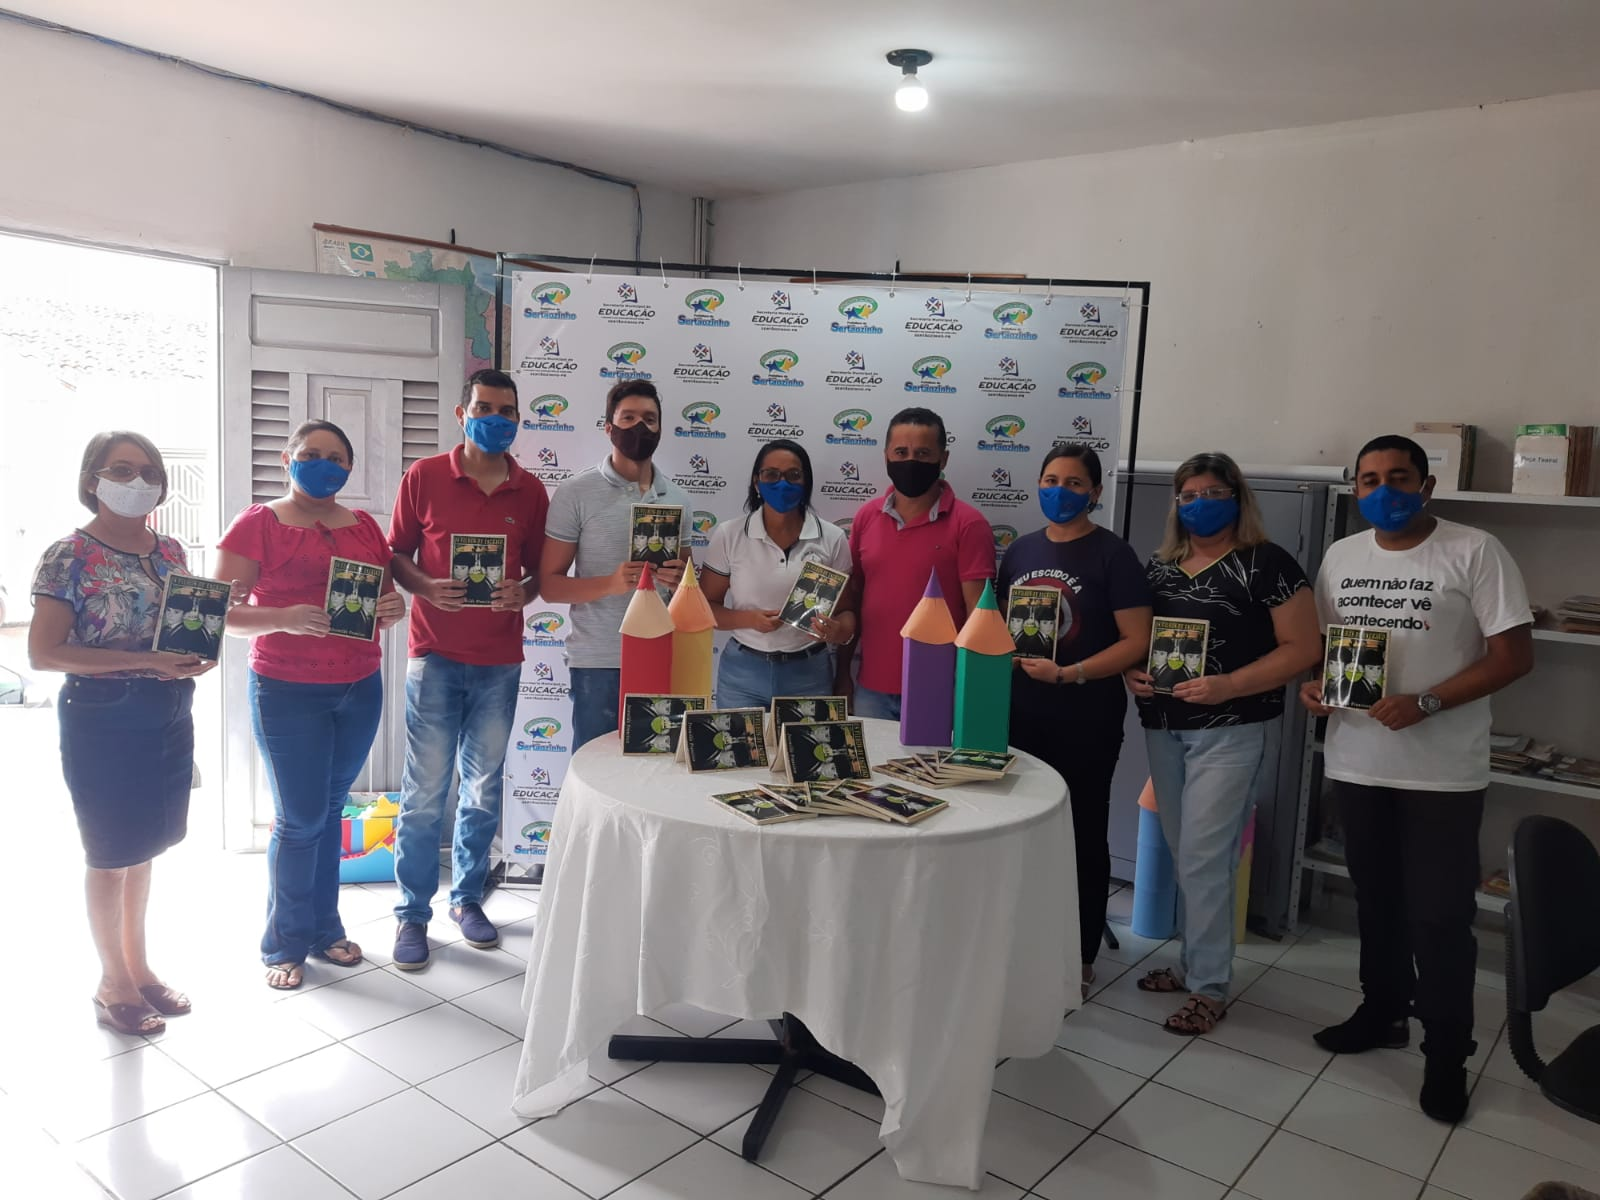 Funcionários (as) da Secretaria de Educação e Cultura recebem doação de livros